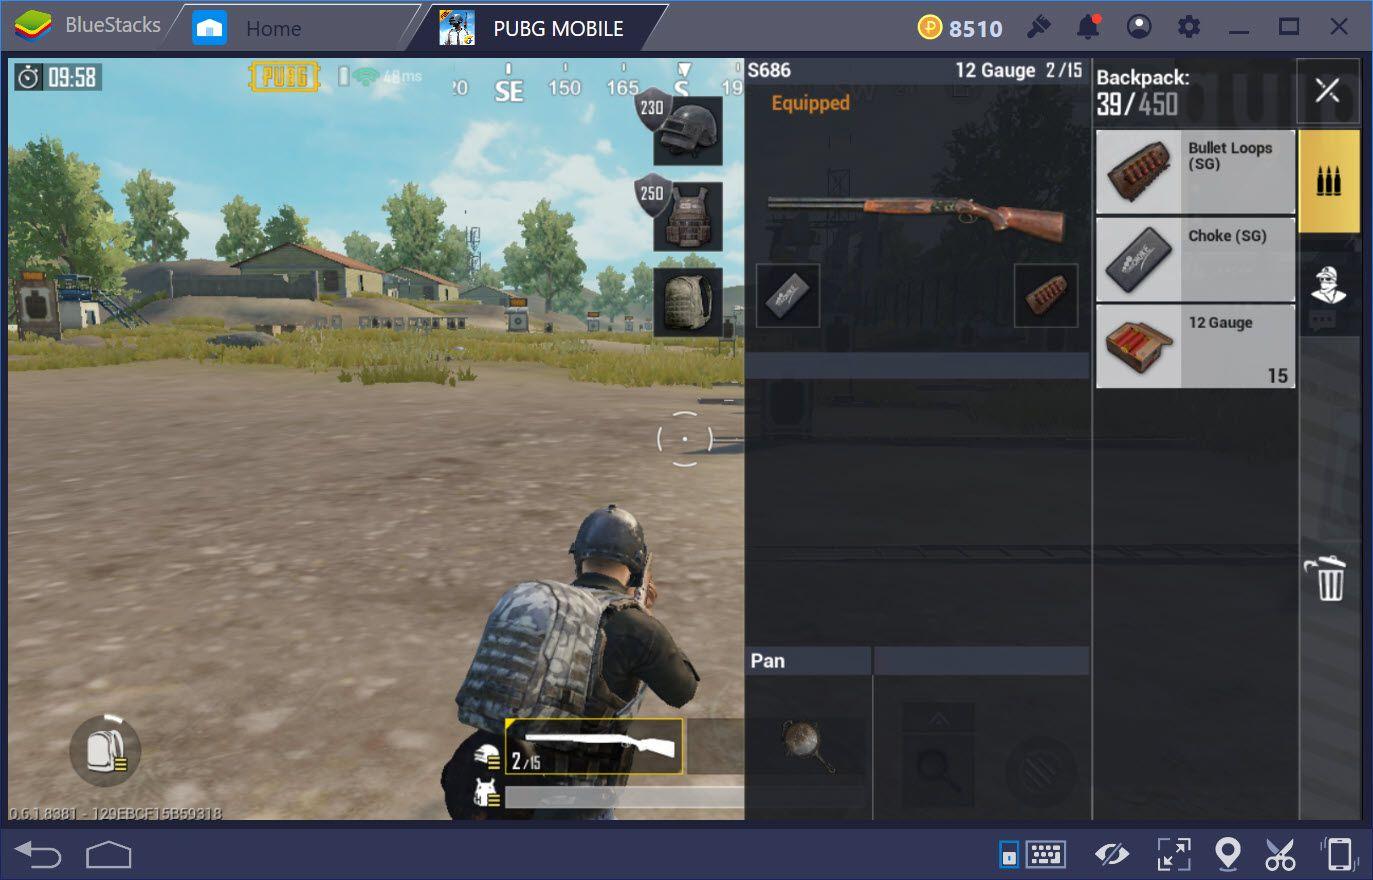 Shotgun là gì và sử dụng chúng thế nào cho hiệu quả trong